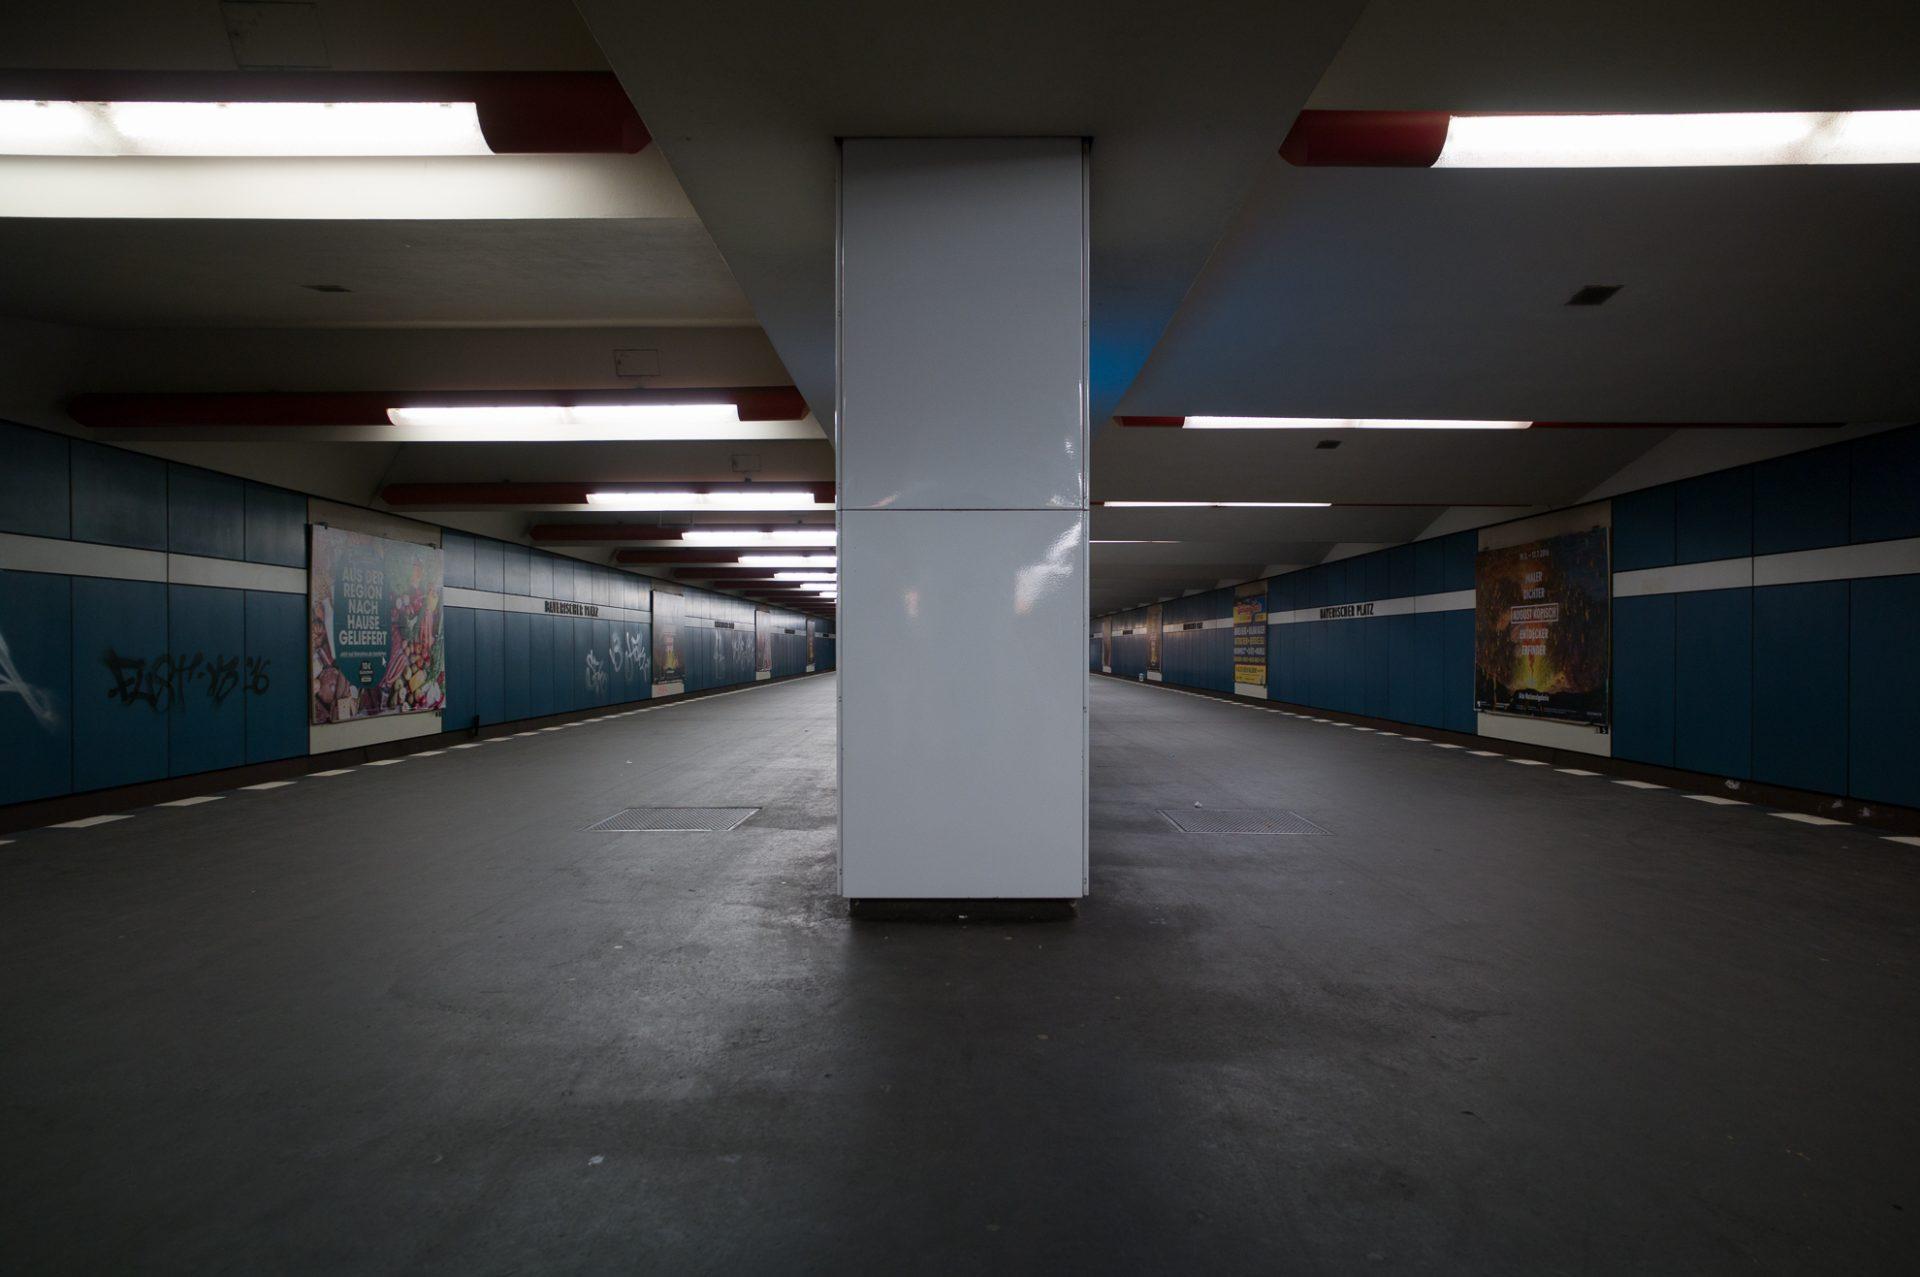 u7_bayerischerplatz (4 von 5)